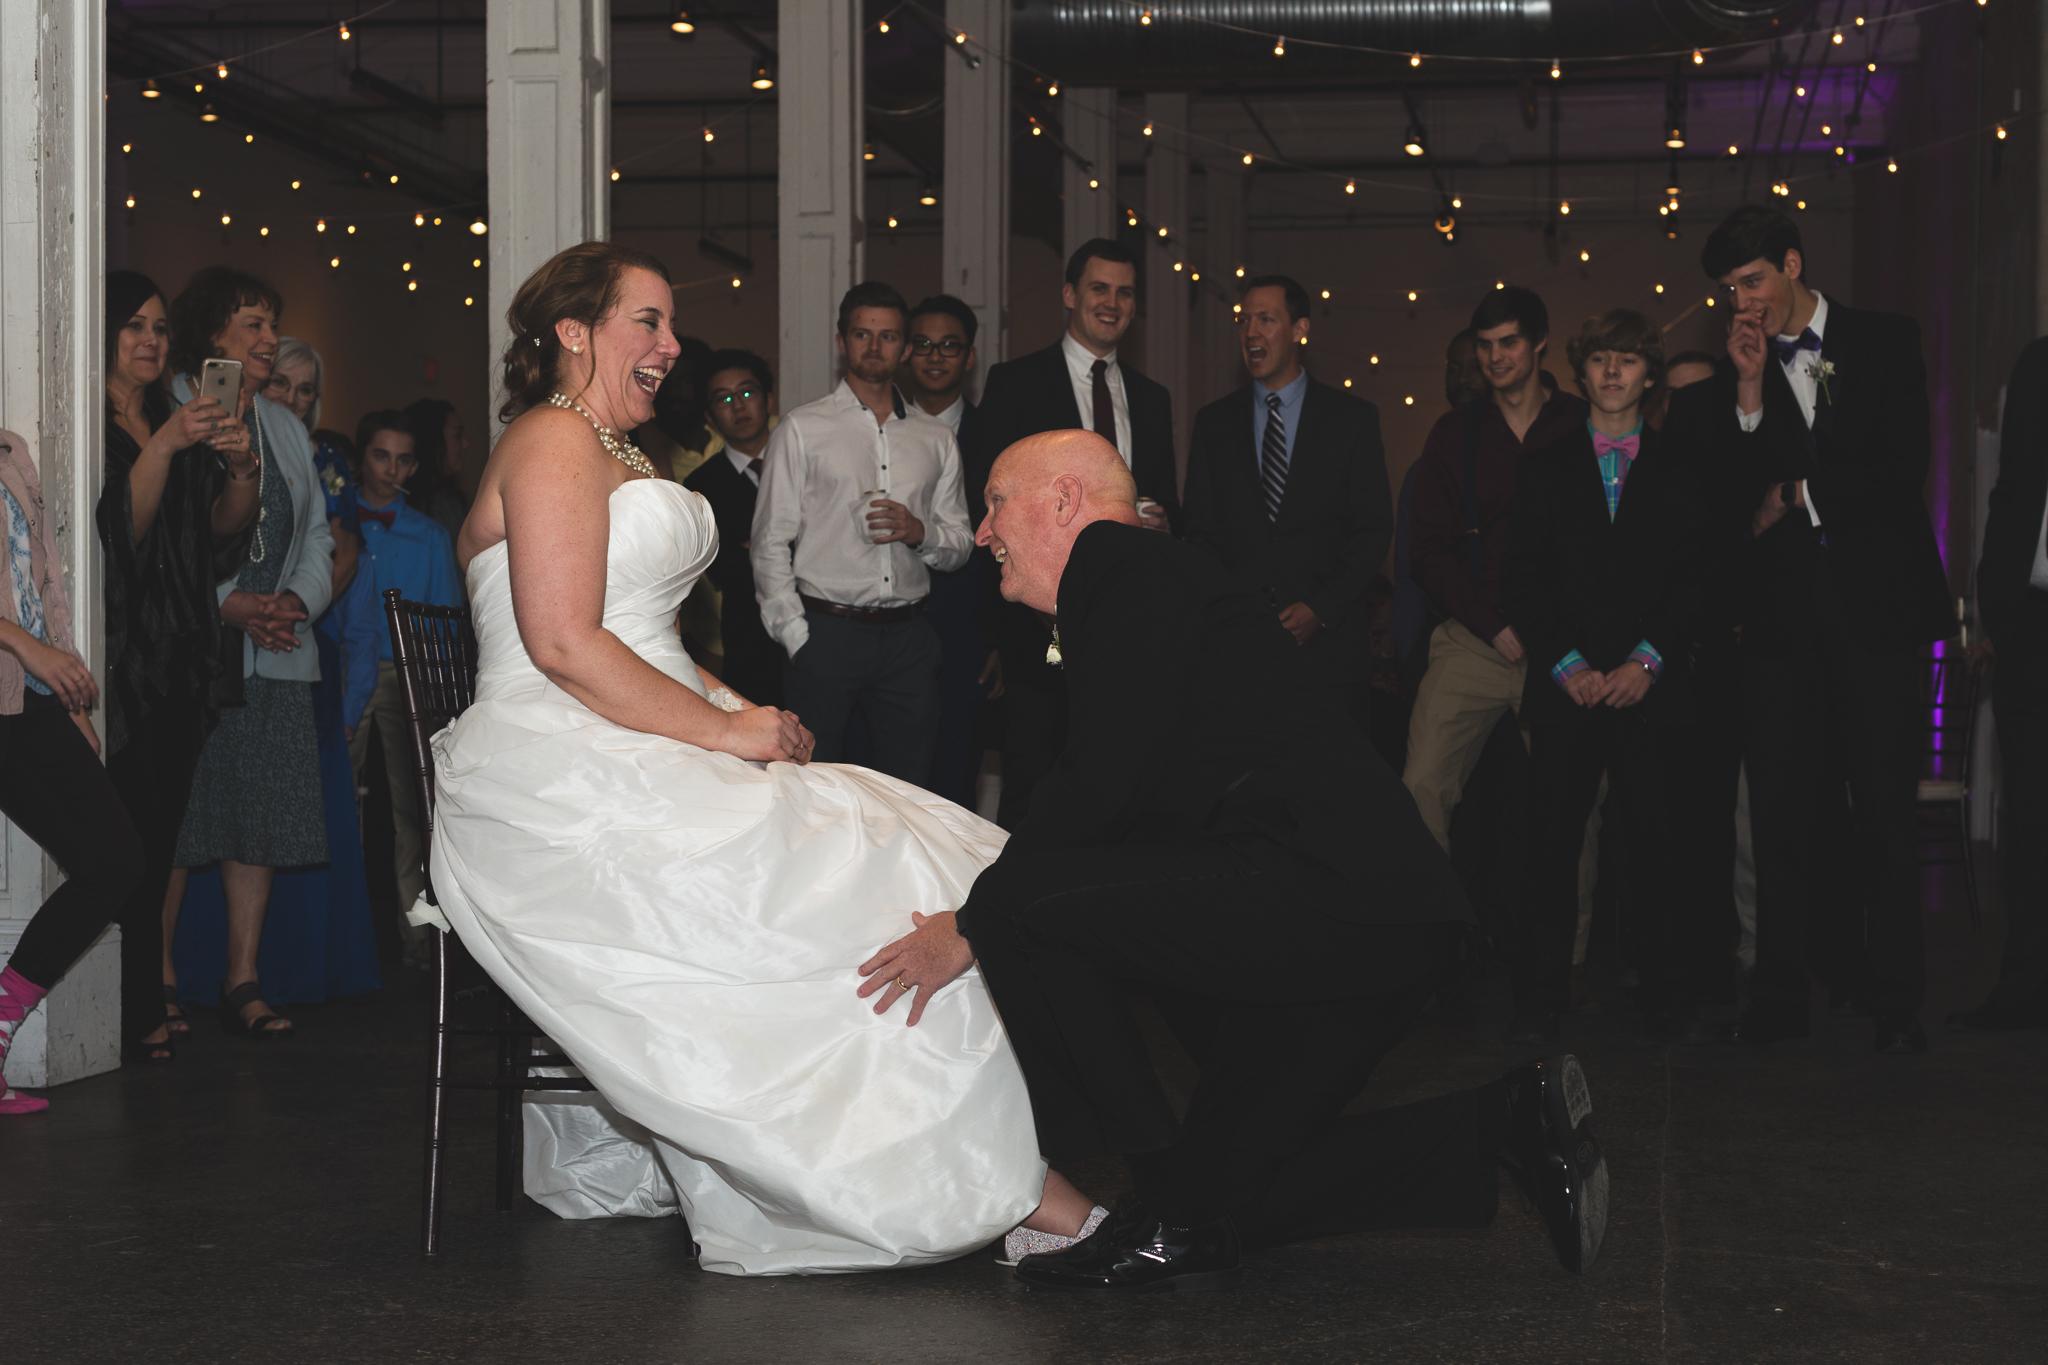 2018_Wedding_Puffenbarger_Blog-489.jpg